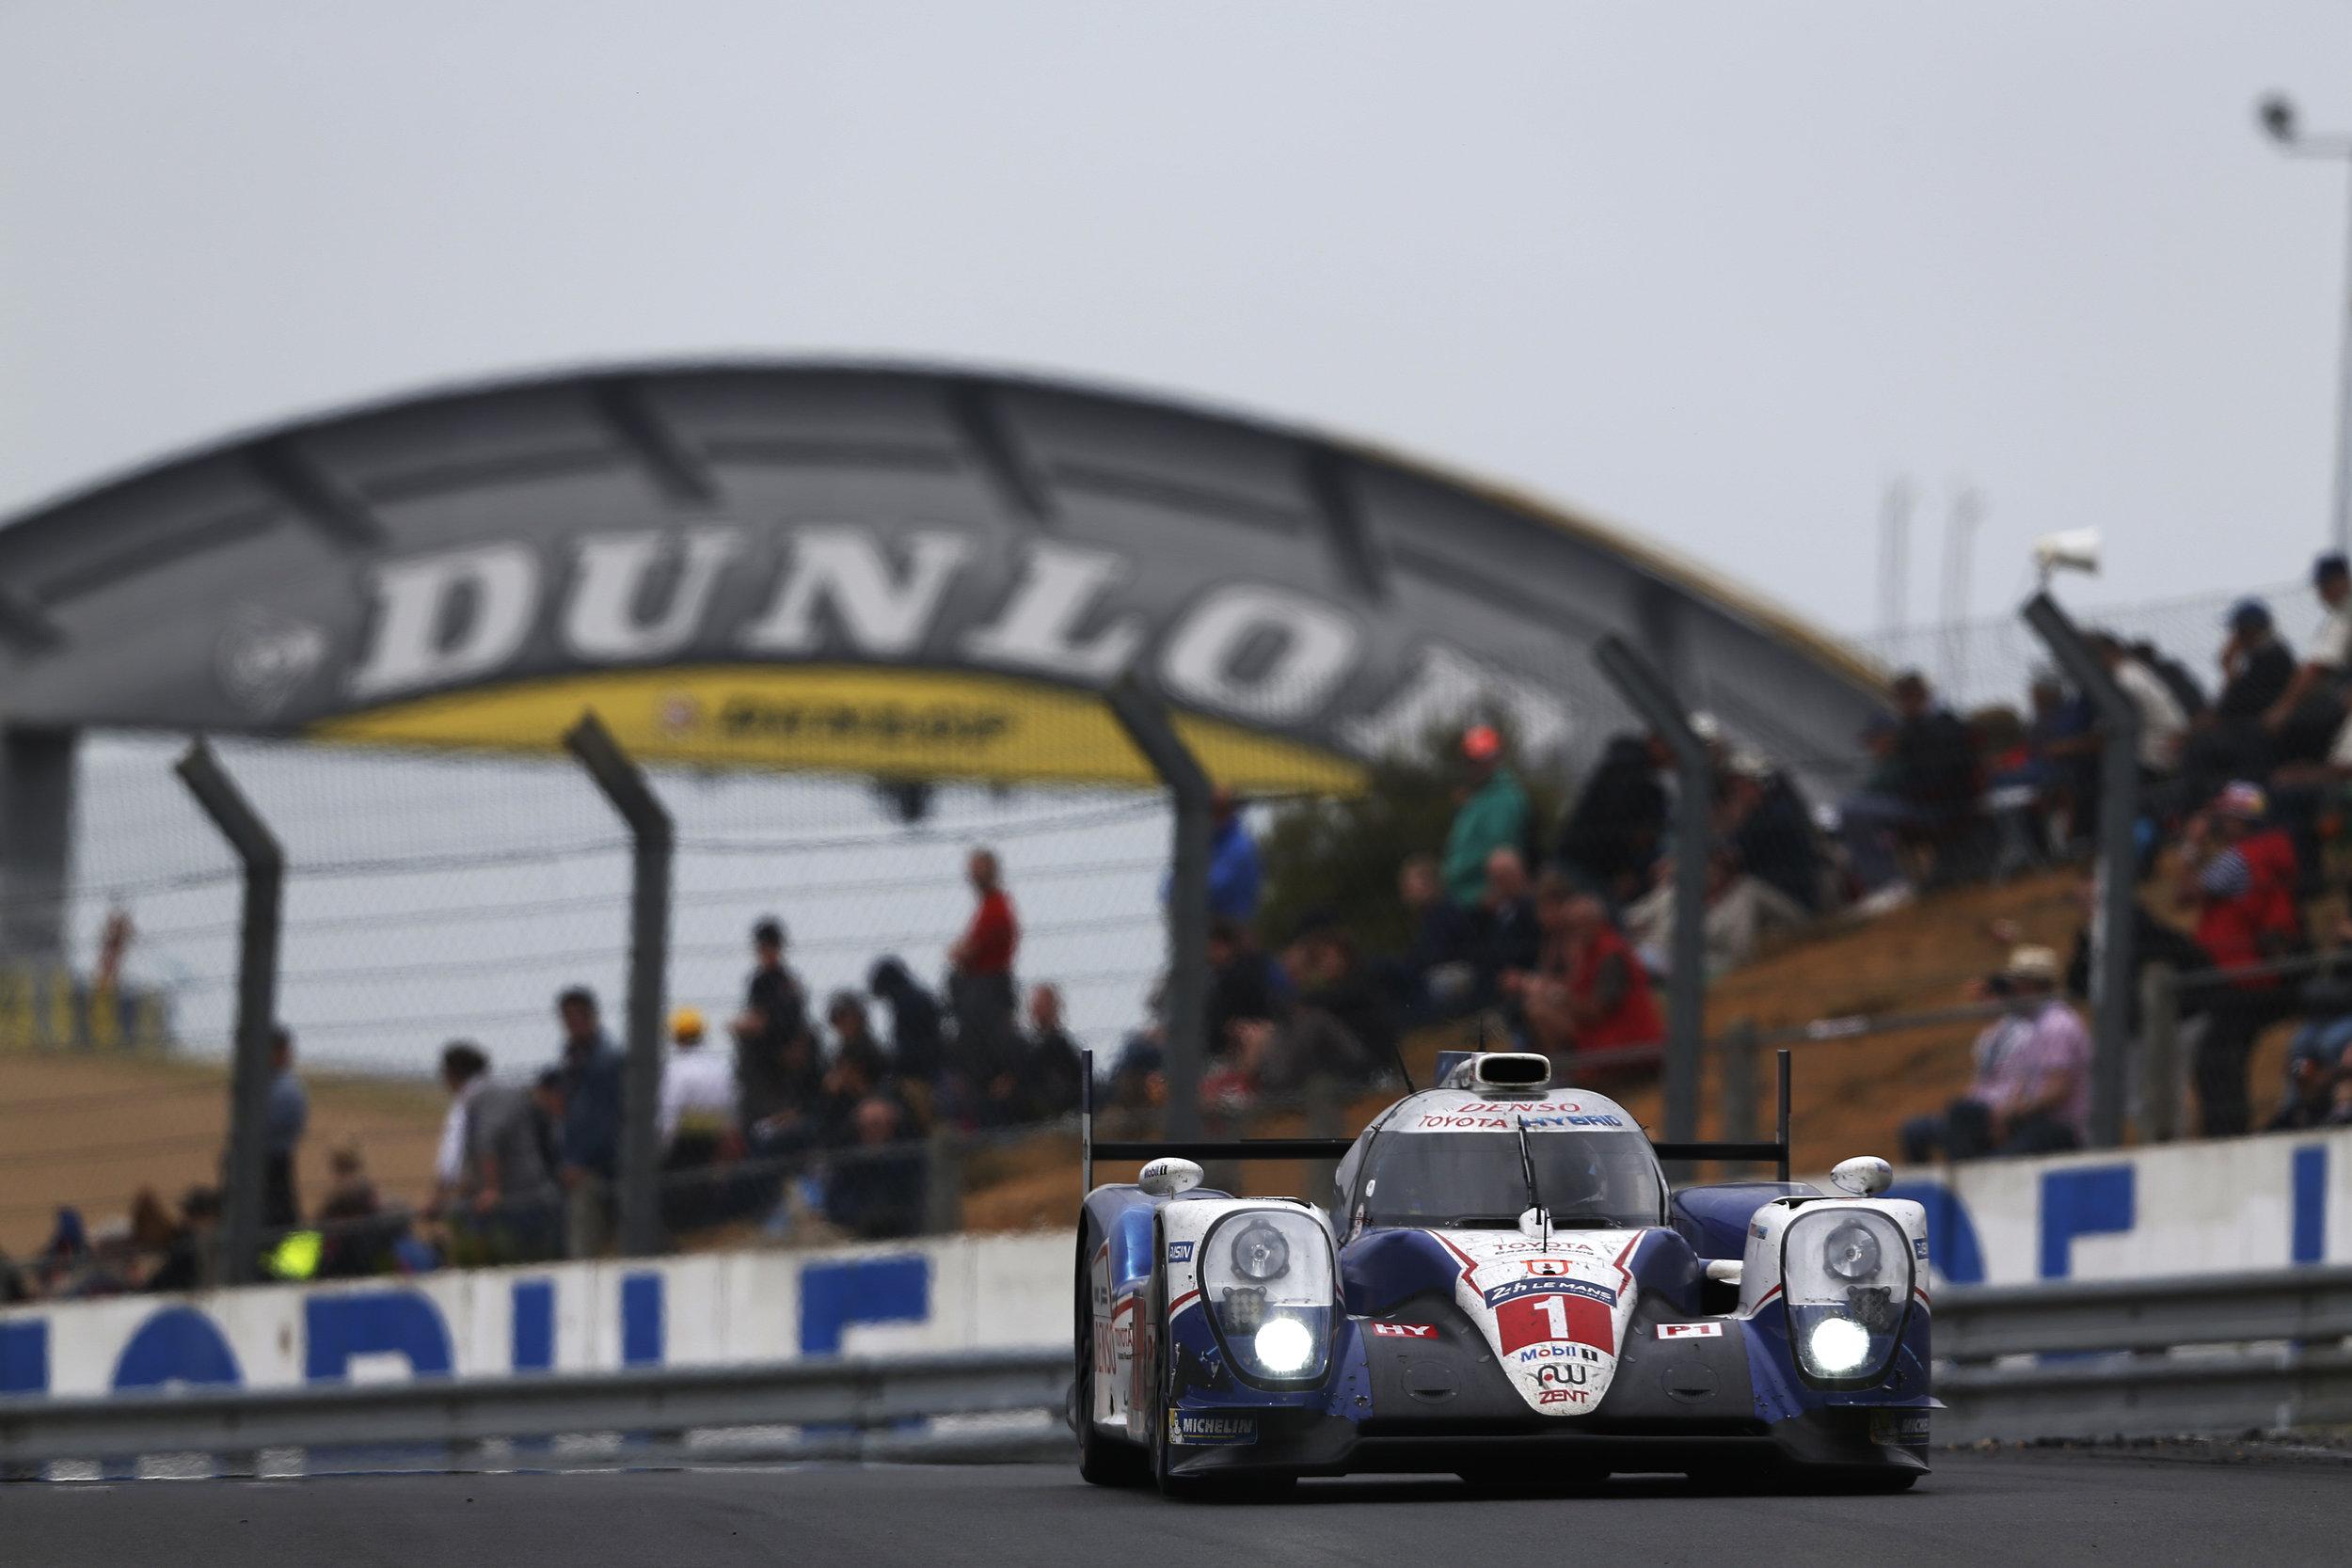 Le-Mans-24h-hybrid-car-Toyota.jpg